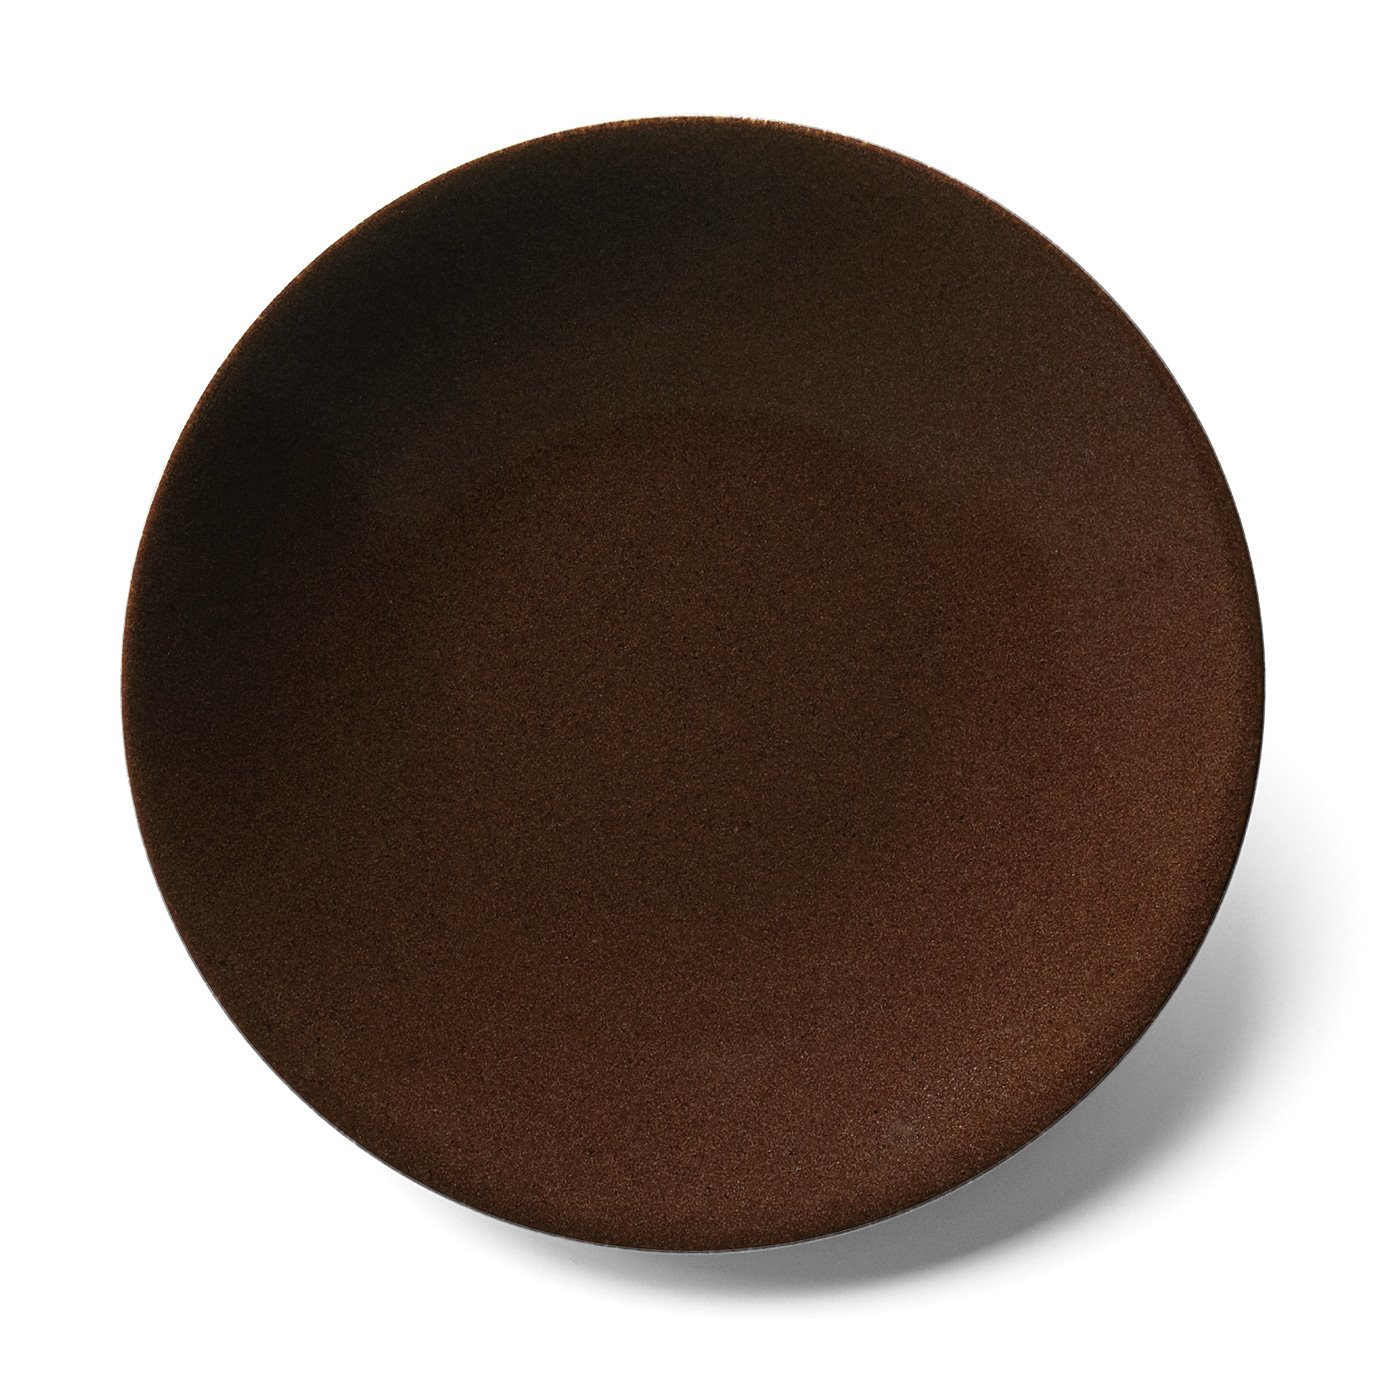 味わい深いブラウンのボーイッシュ大皿